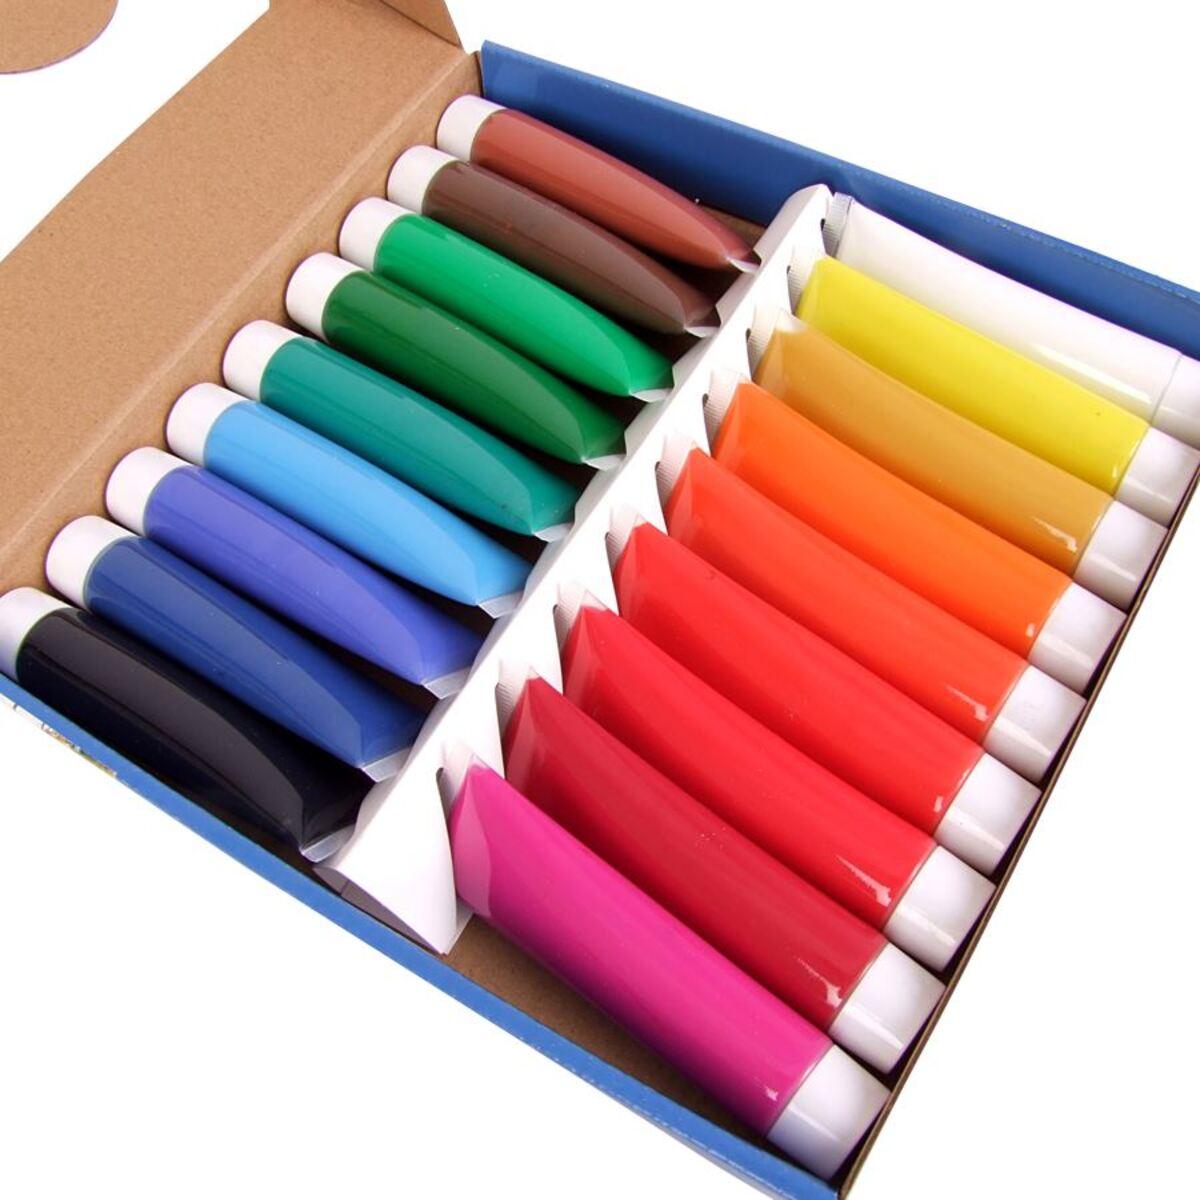 Bild 1 von Artist & Co Acrylfarben 18-teilig